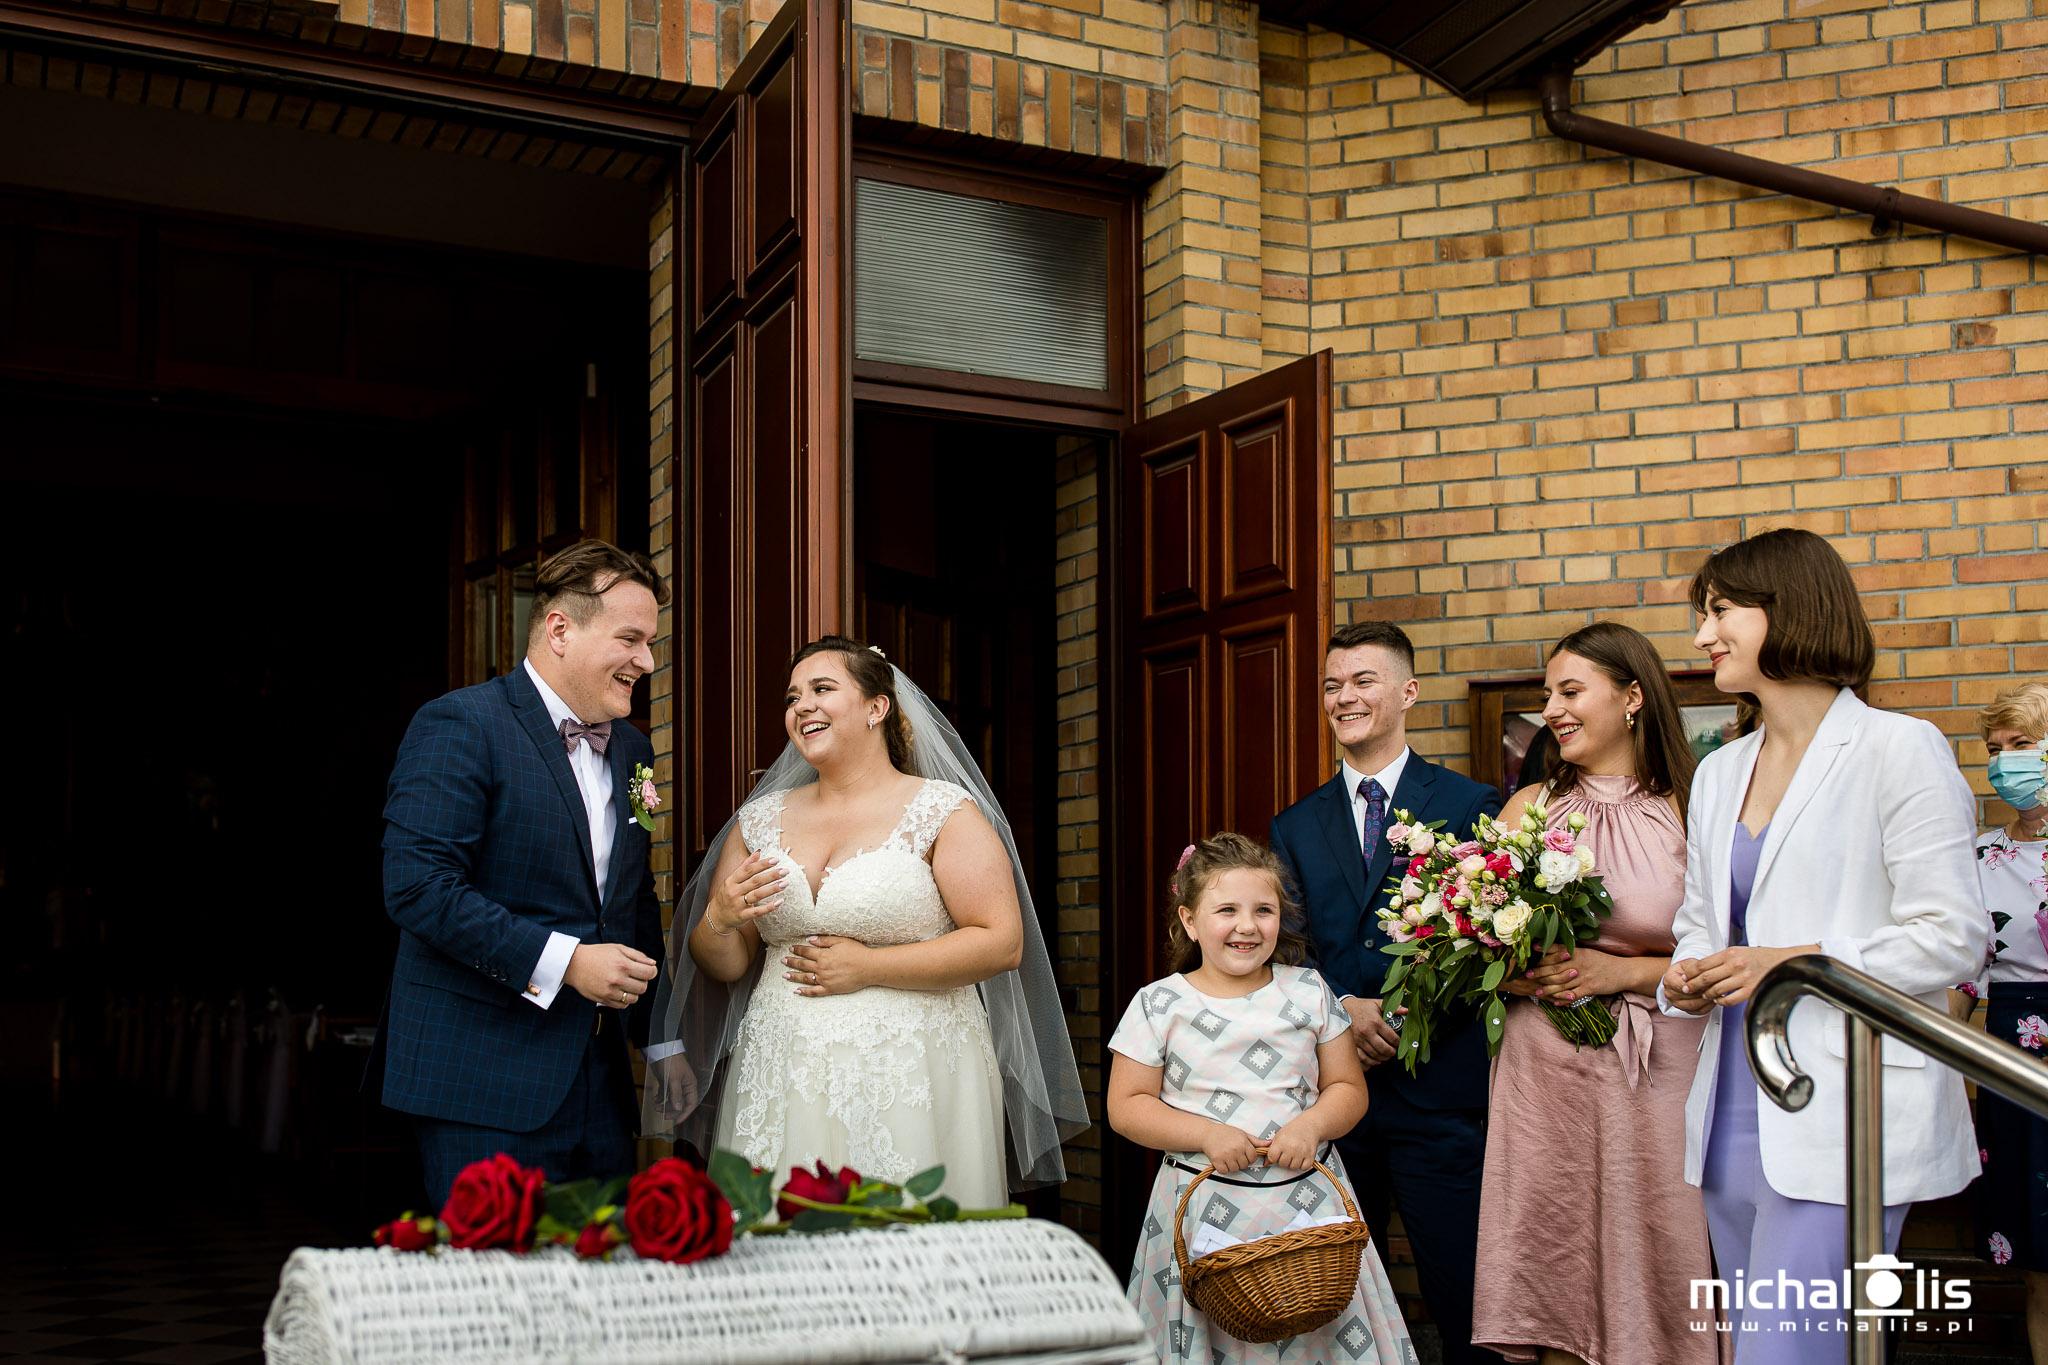 wypuszczanie gołębi, gołębie na ślubie, wyjście z kościoła, atrakcja, inspiracje, para młoda, ślub